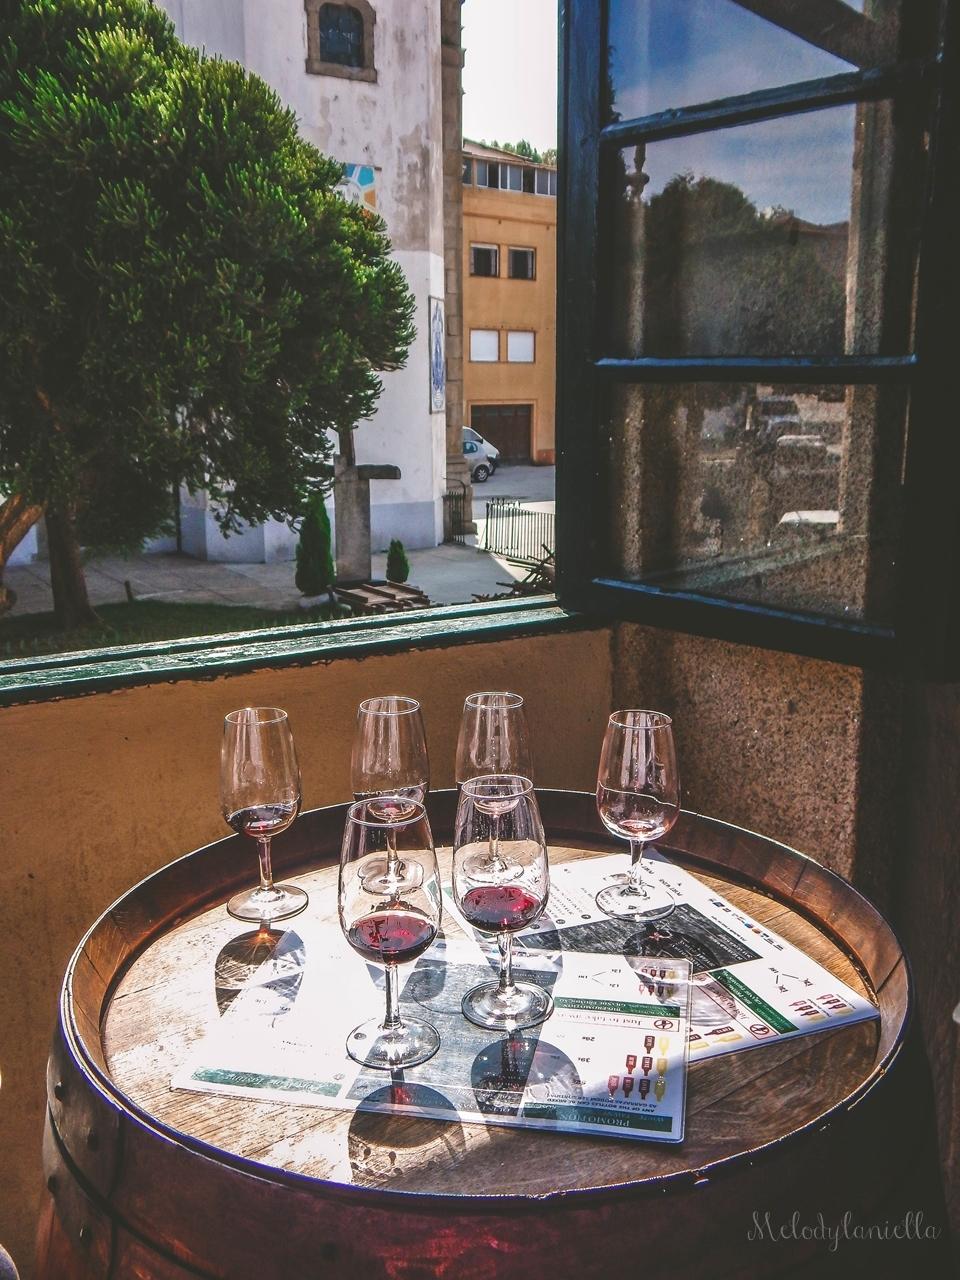 8 winnice villa nova de gaia-2  co zobaczyć w Porto w portugalii ciekawe miejsca musisz zobaczyć top miejsc w porto zabytki piękne uliczki miejsca godne zobaczenia blog podróżniczy portugalia melodylaniella